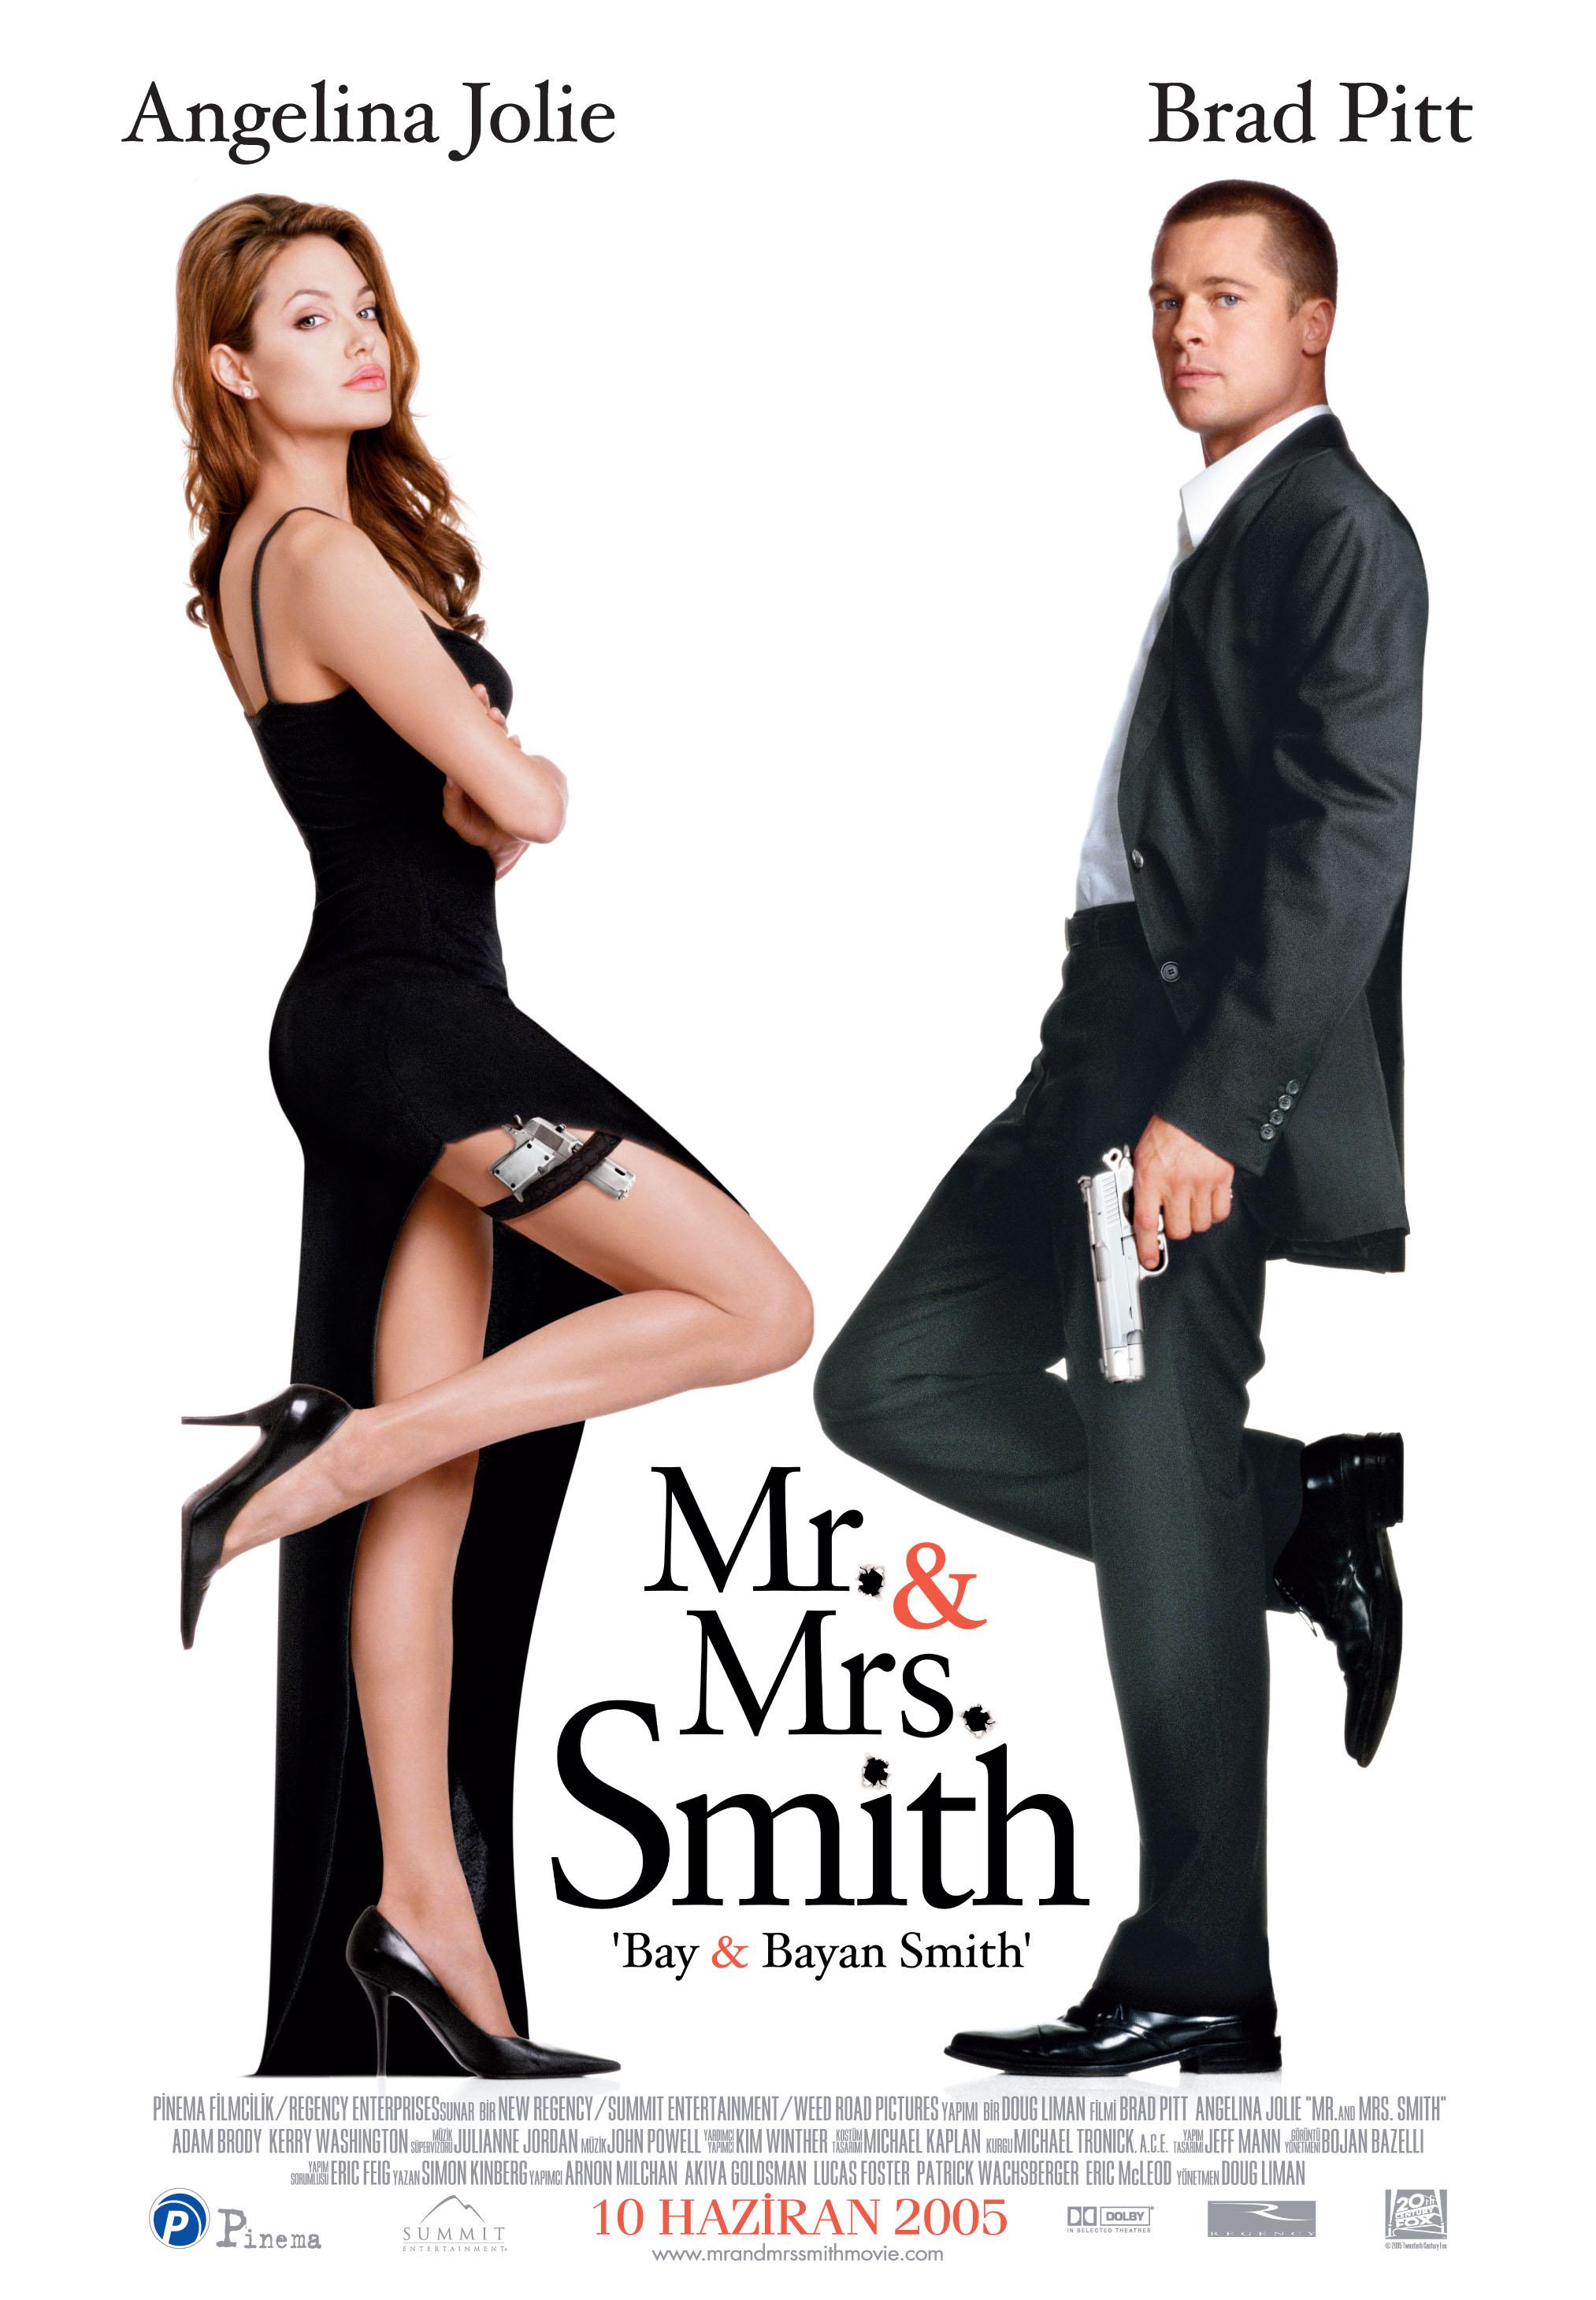 мистер и миссис смит постер на английском очень